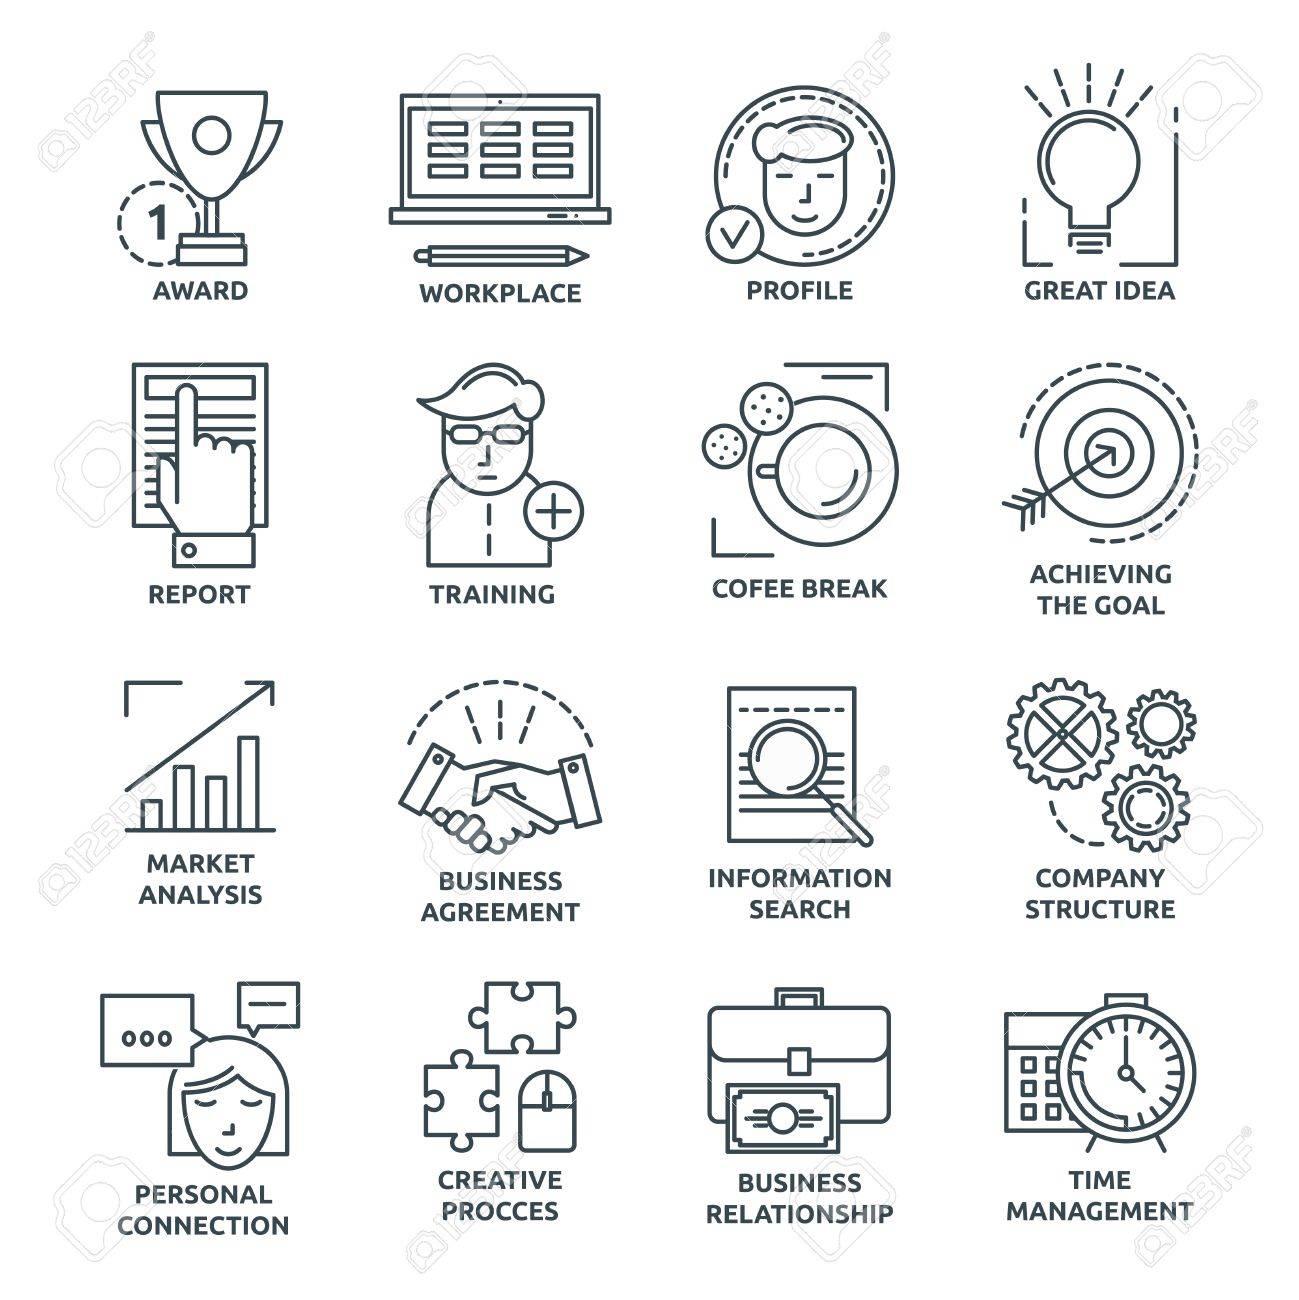 Coworking Iconos Lineales Monocromáticos Con La Estructura De La Empresa Y El Lugar De Trabajo Logro De Metas Y Capacitación Ilustración Vectorial